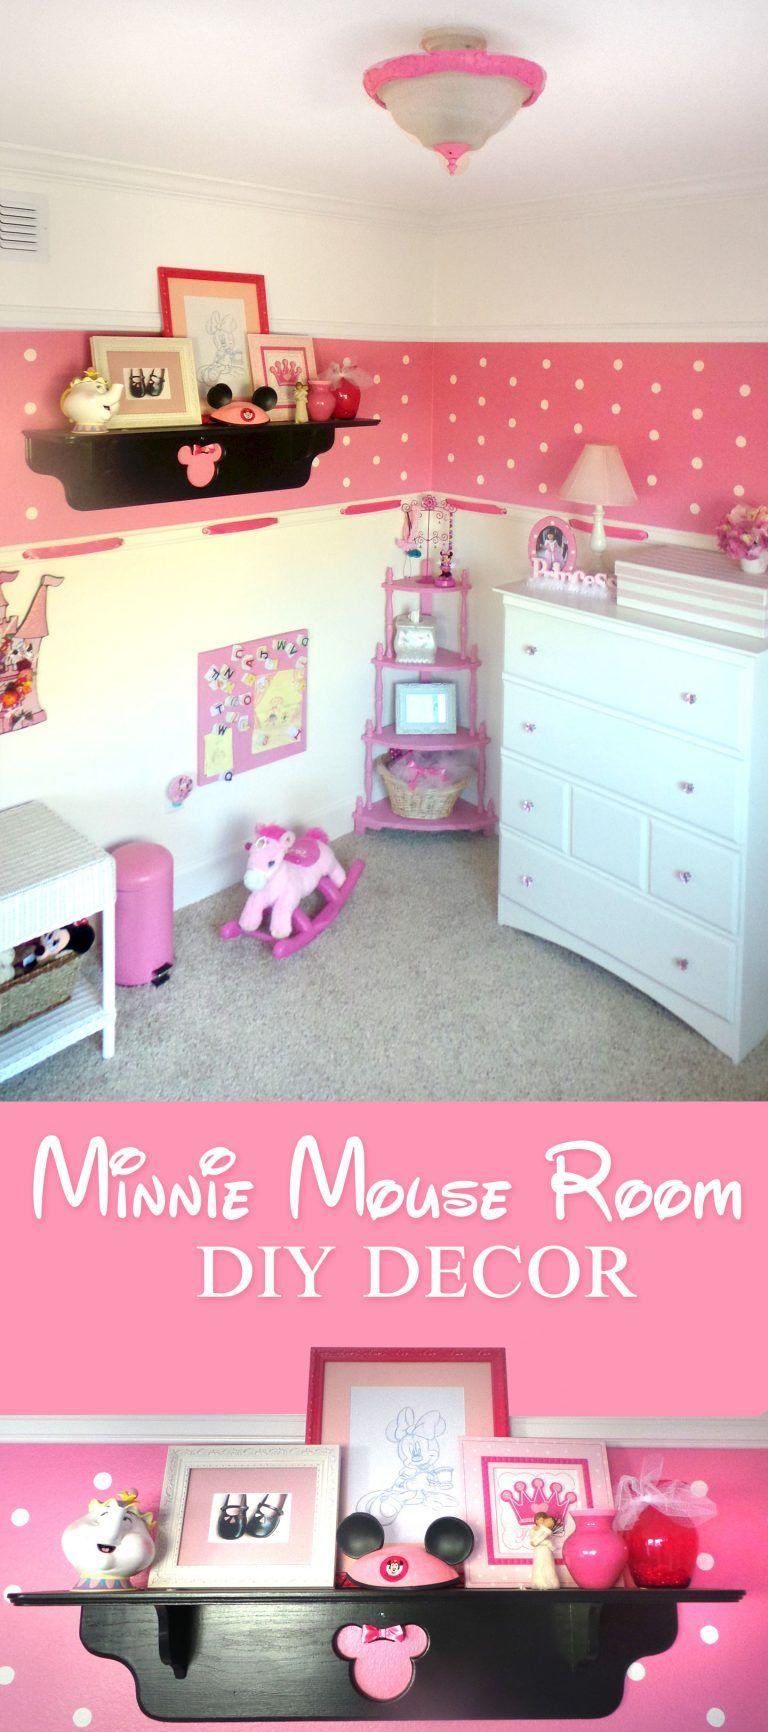 Minnie Mouse Room DIY Decor Minnie mouse room decor